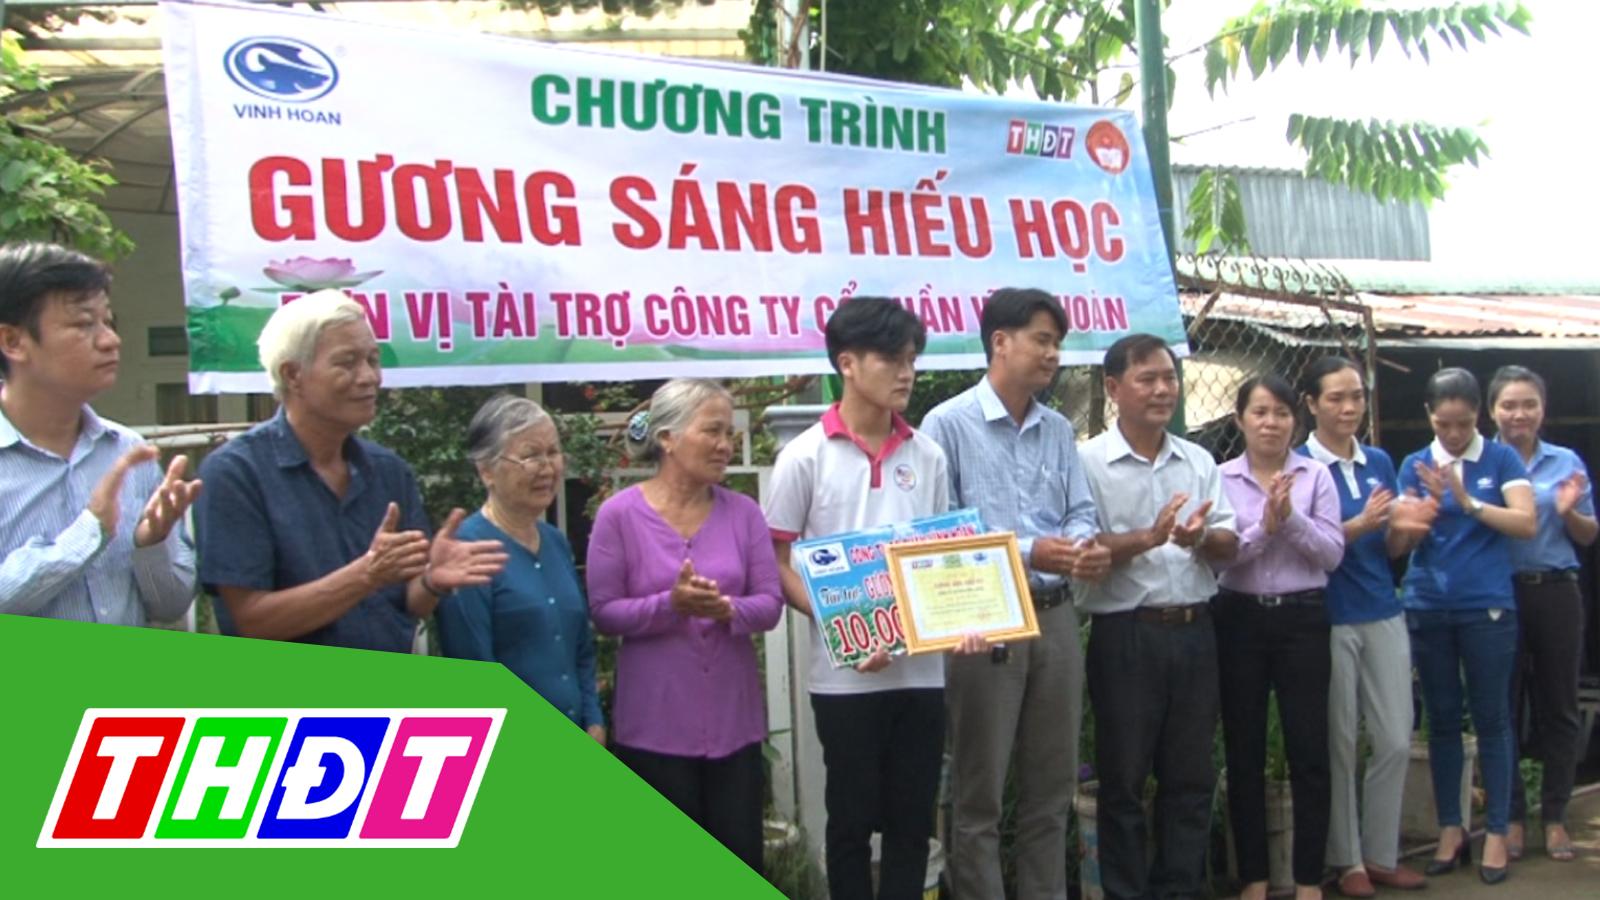 Gương sáng hiếu học - 30/6/2020: Em Đặng Văn Quốc Huy